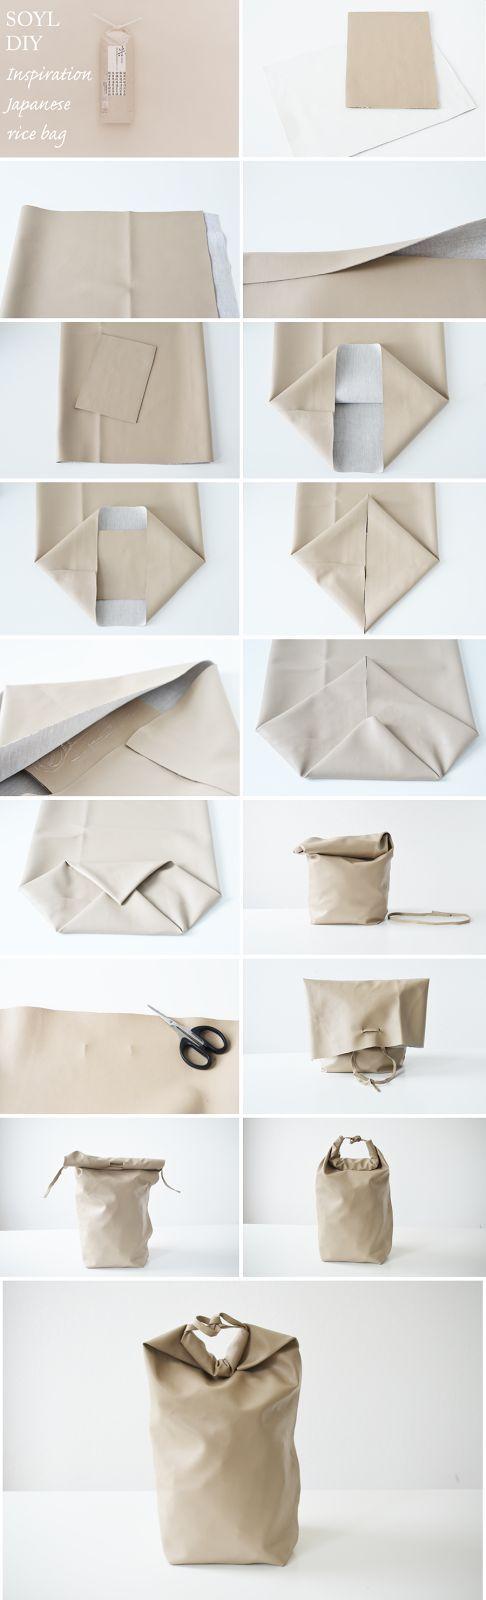 Clear Designed Brainy und Natural: Die DIY Soy Tasche nach einer traditionellen Japanischen Reisverpackung. Von @aprilandmay